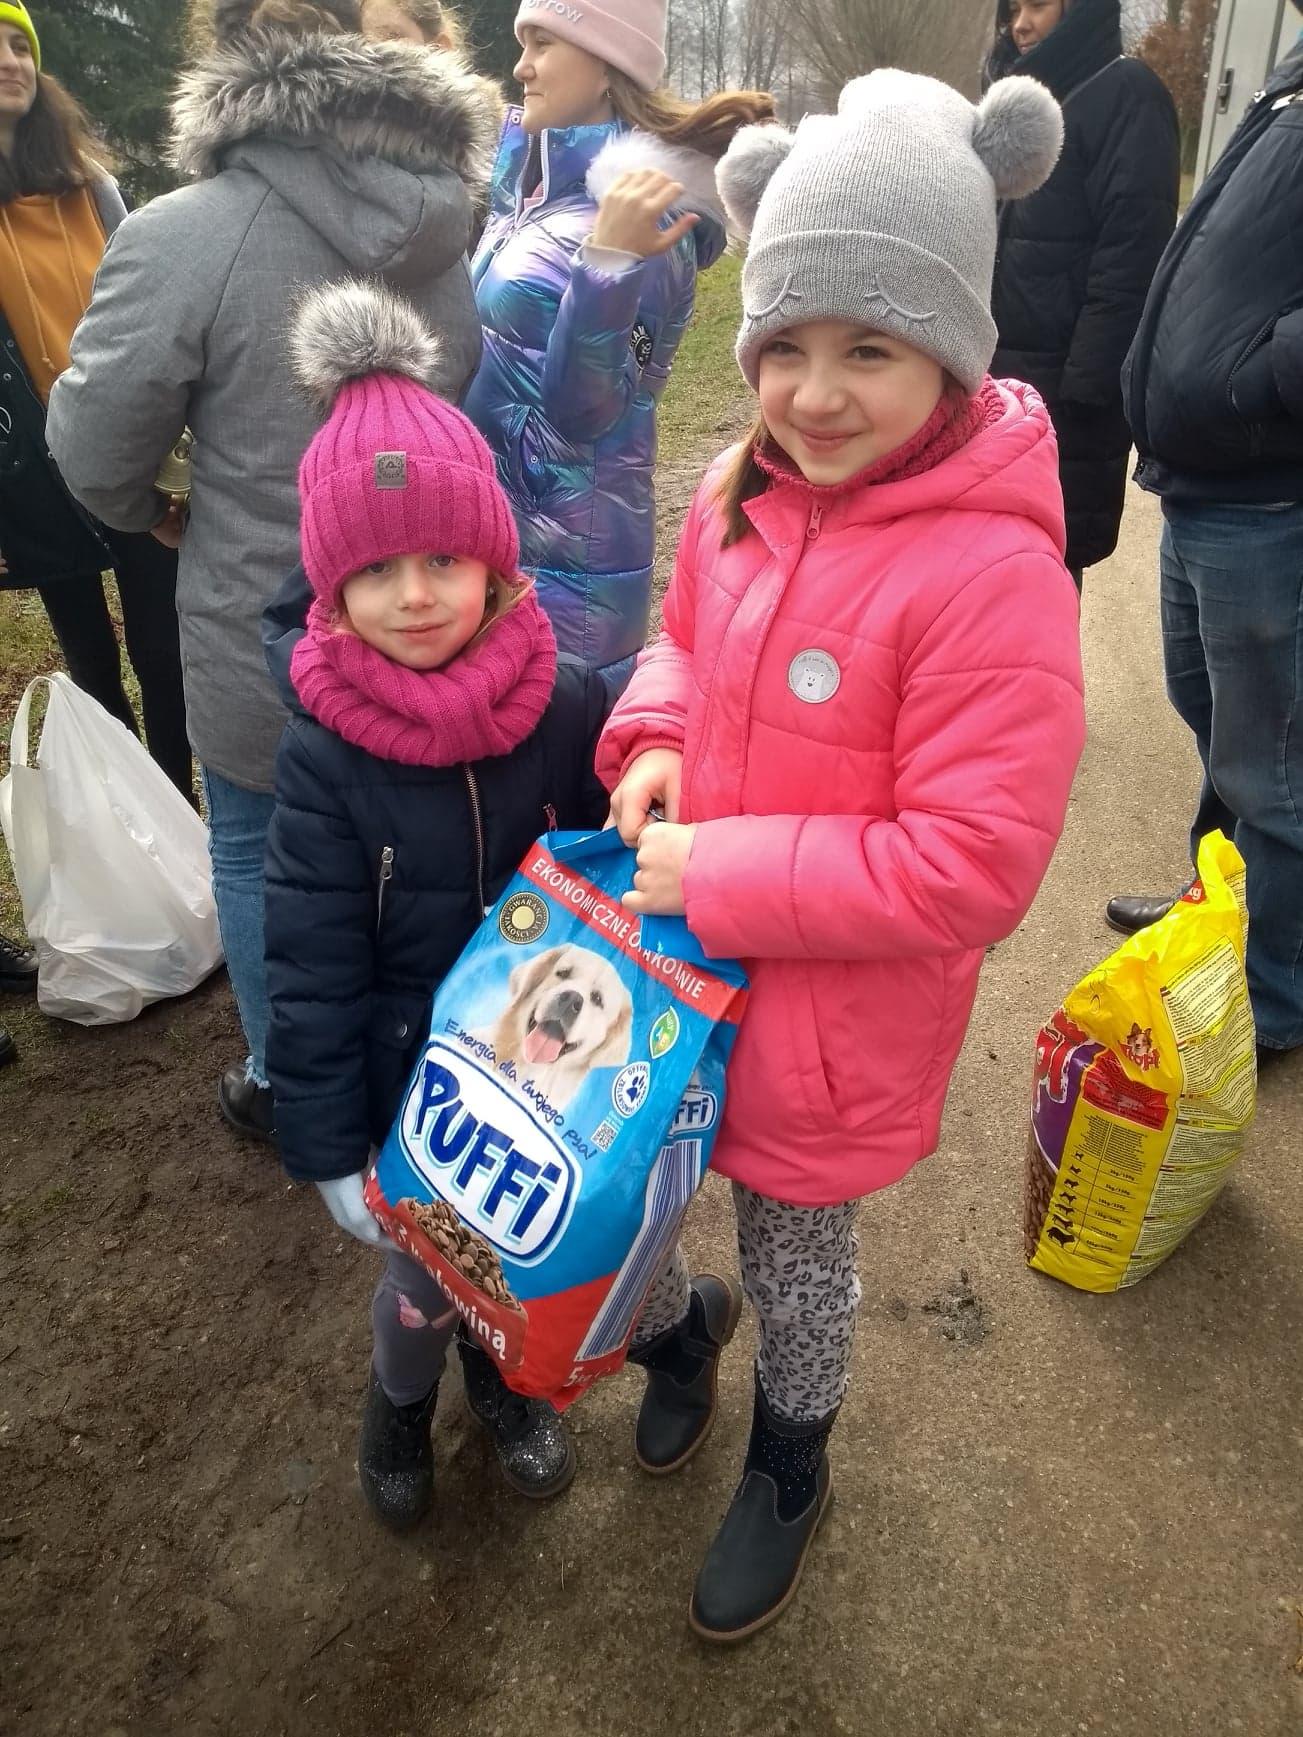 Dzieci z darami w schronisku.